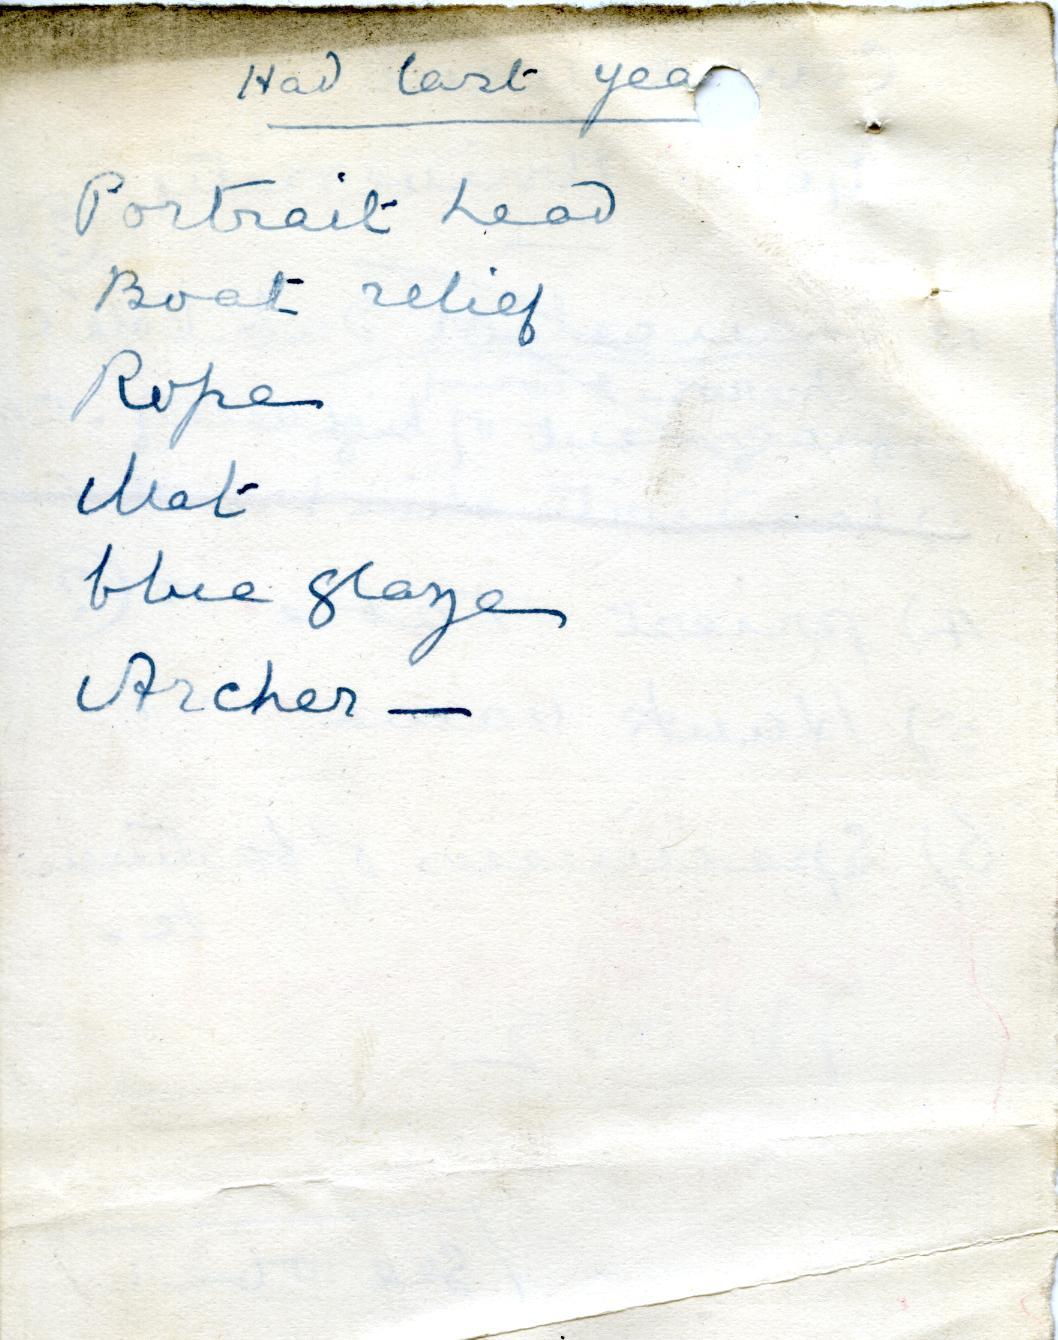 1906-07 Deir el-Bahri, Oxyrhynchus, Ihnasya DIST.28.04l